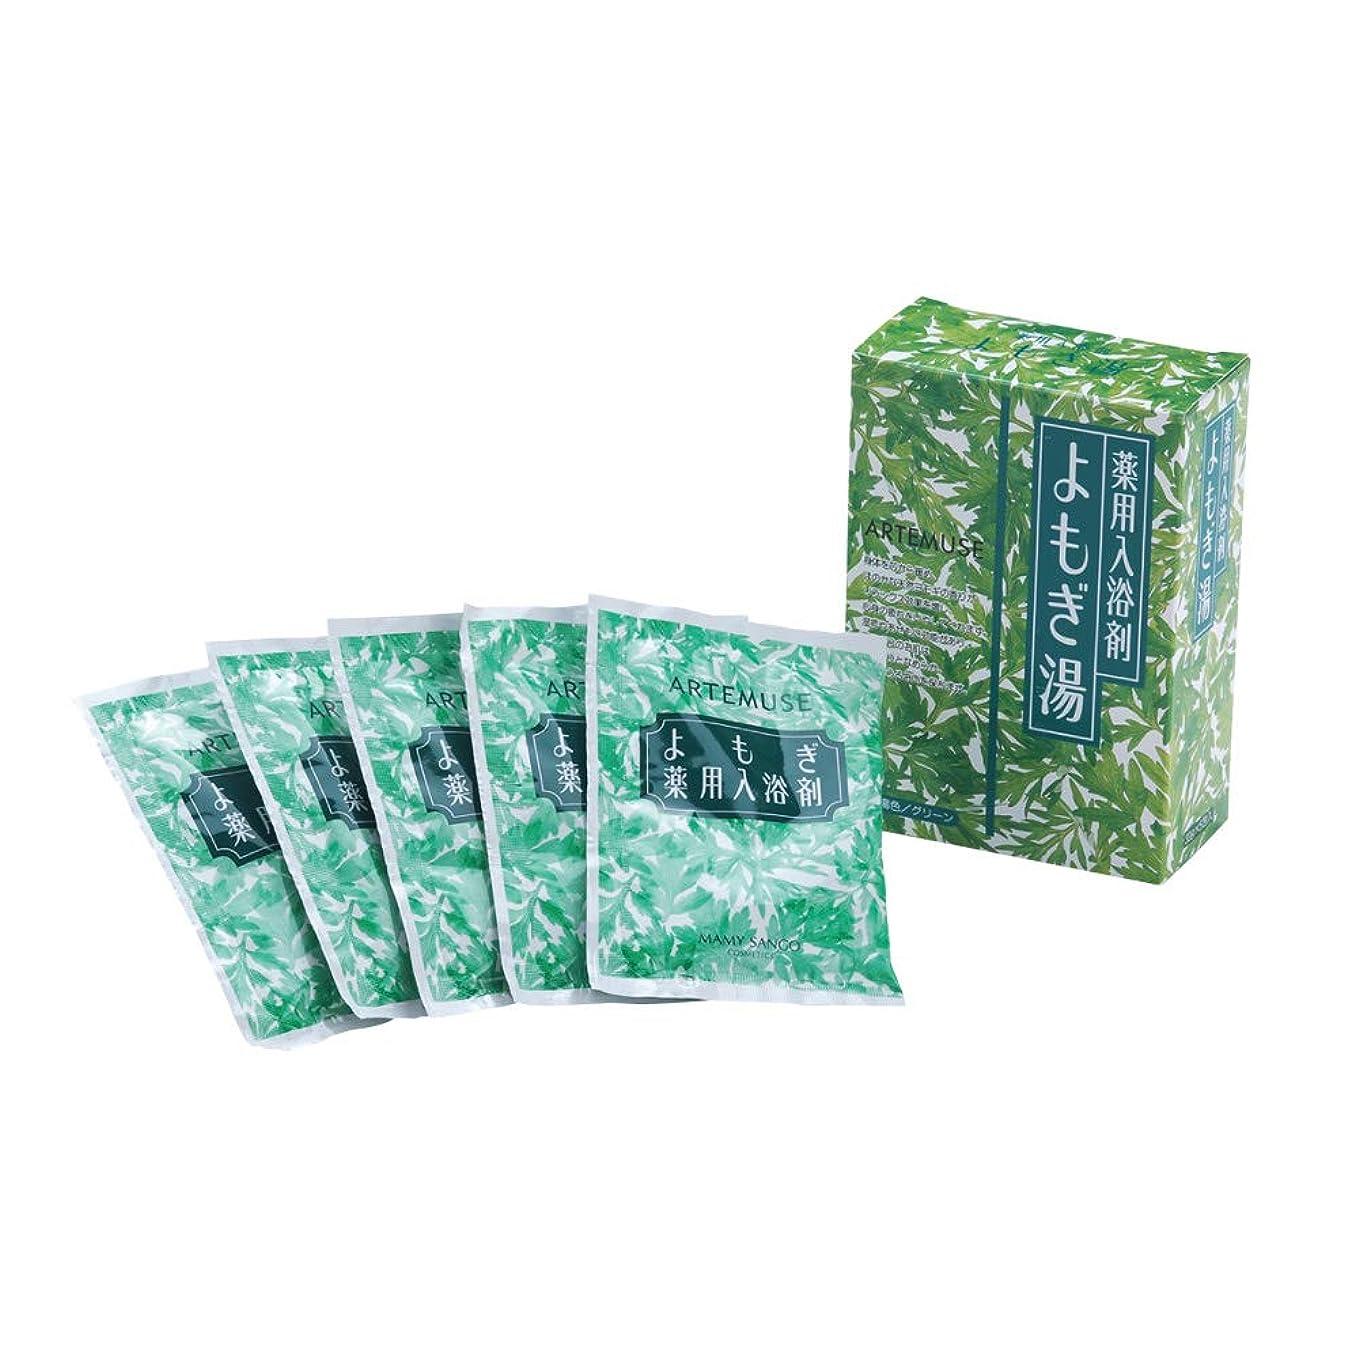 無視去る比較的マミーサンゴ よもぎ入浴剤 薬用バスソルトA [分包タイプ] 30g×5包入 (1箱)